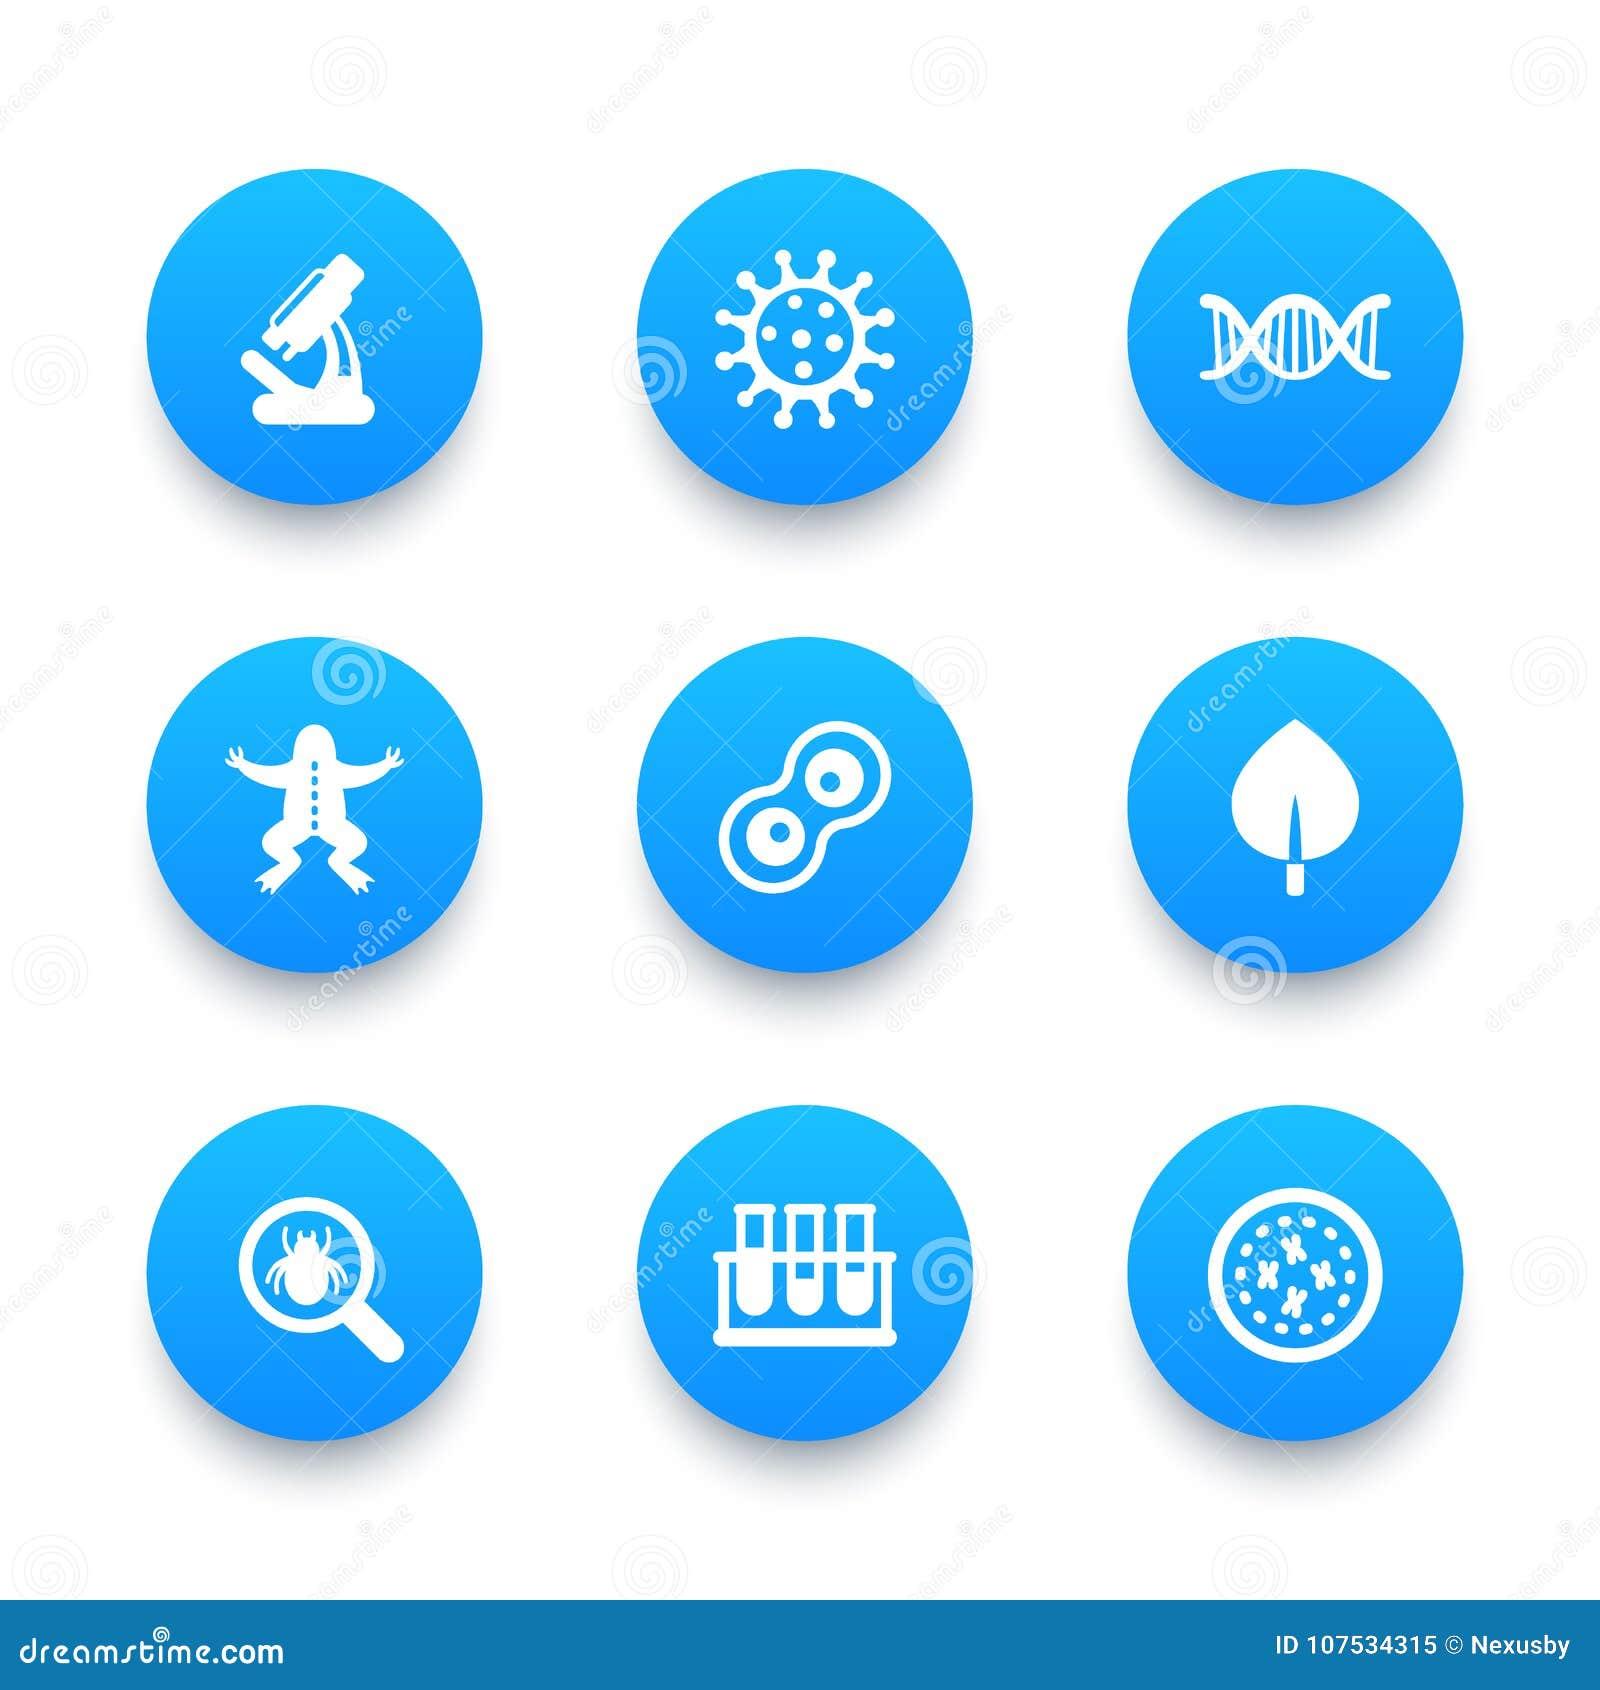 Biology icons set